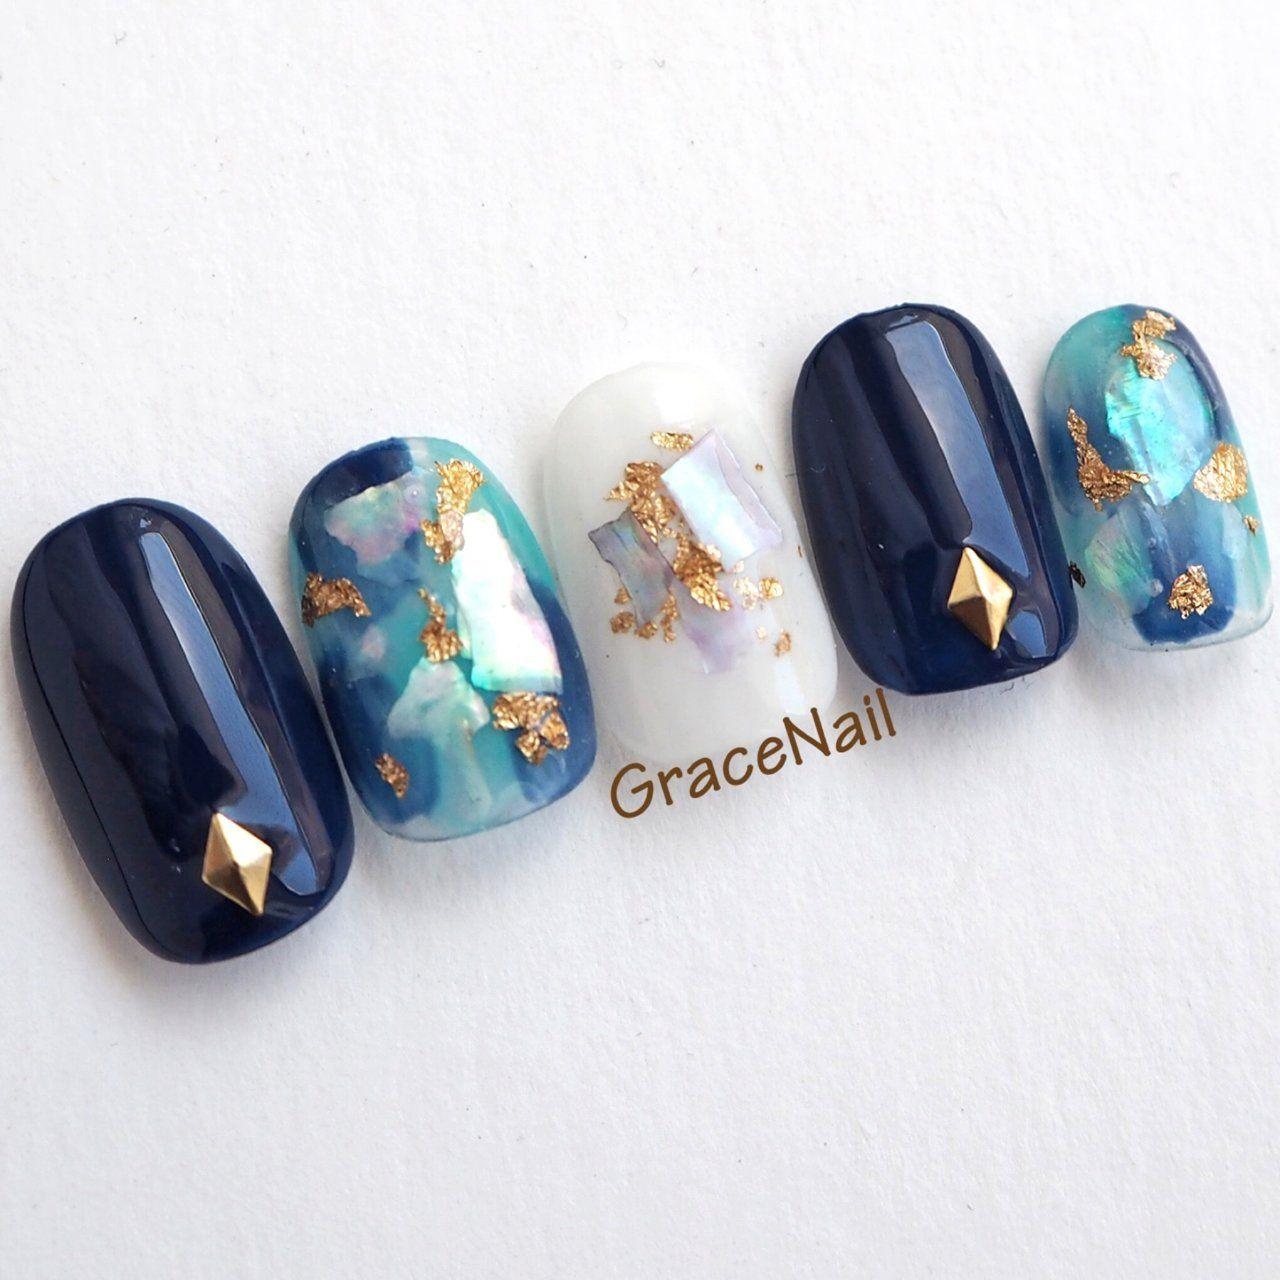 GraceNailのネイルデザイン[No 3459962]|ネイルブック #koreannailart